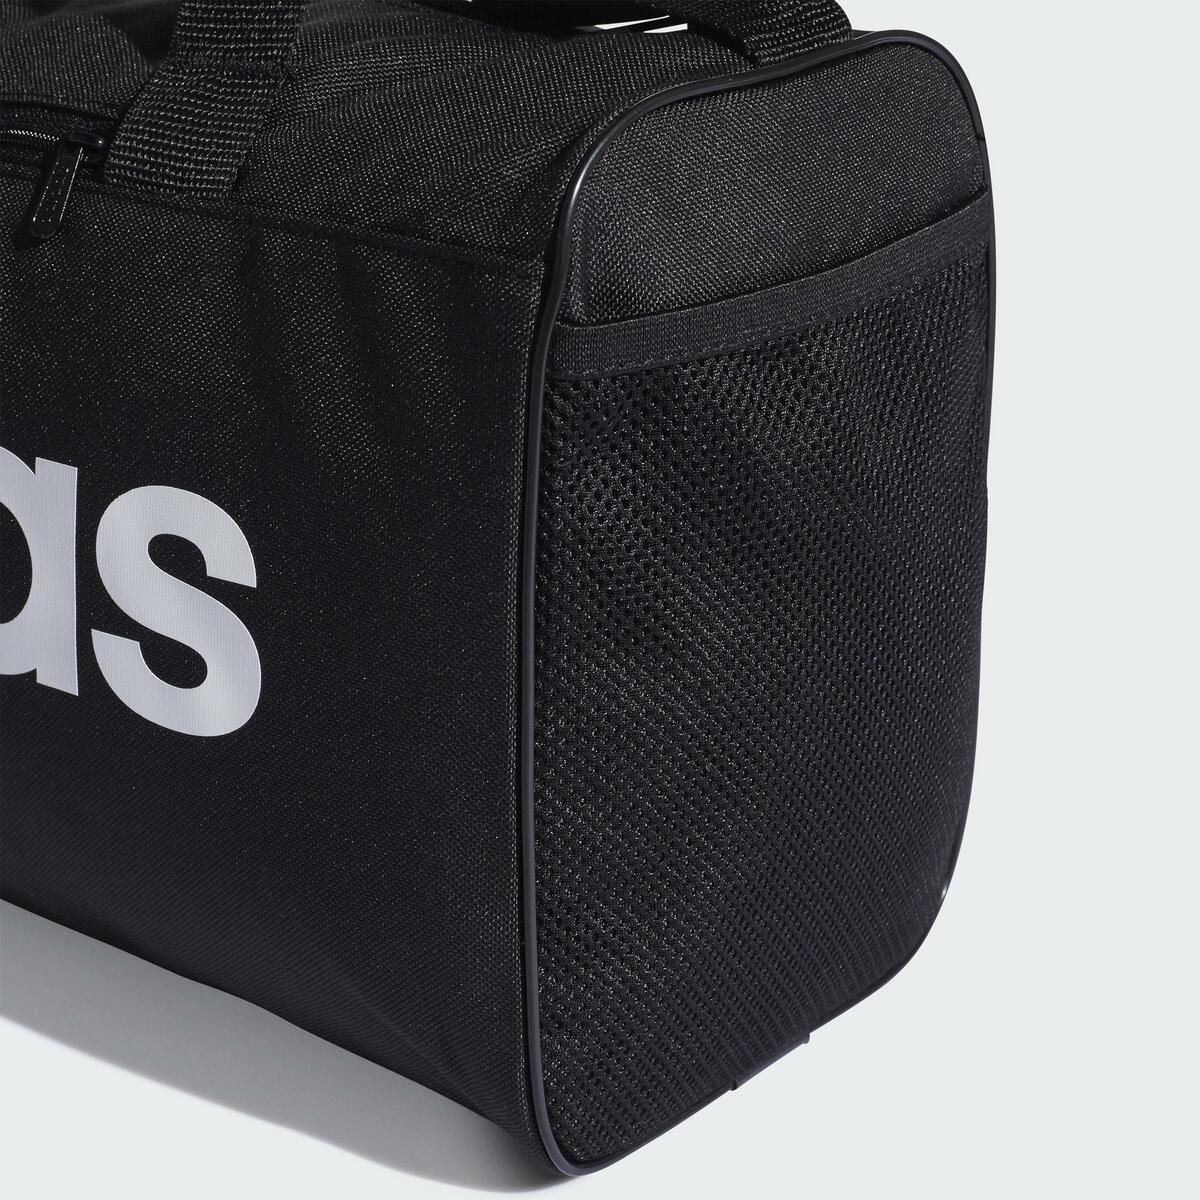 Bild 5 von Sporttasche Fitness XS schwarz/weiß